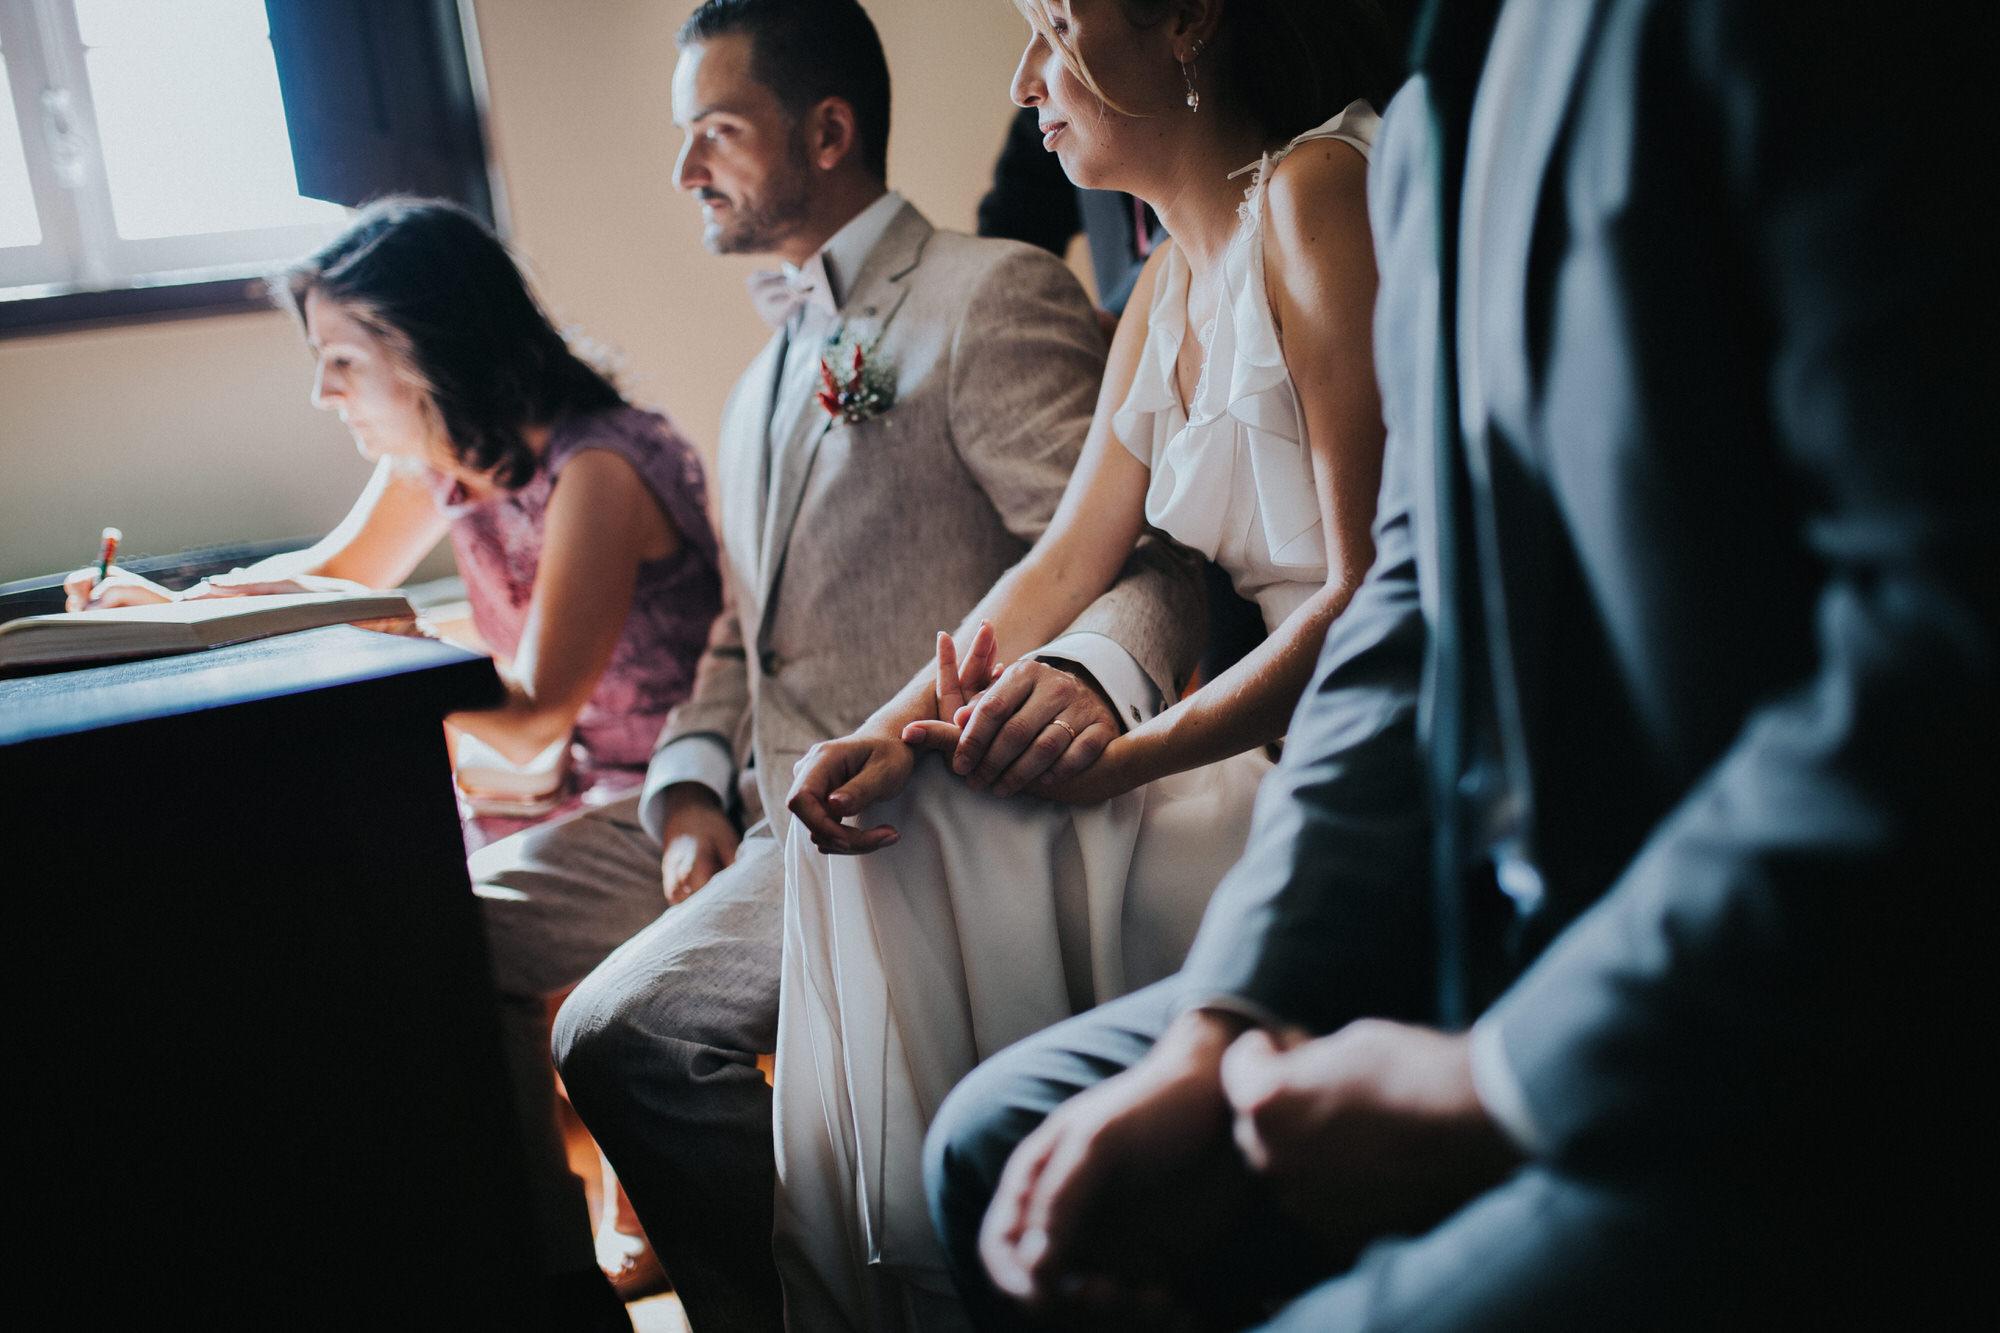 Filipe Santiago Fotografia-fotografo-malveira-lisboa-cascais-mafra-melhores-reportagem-wedding-photography-portugal-lisbon-best-natural-casamentos-lifestyle-bride-ideias-rustic-boho-hair-mackup-damas-preparativos-preparations-bridemaids-dress-shoes-bouquet-trends-church-cerimony-assinaturas-dicas